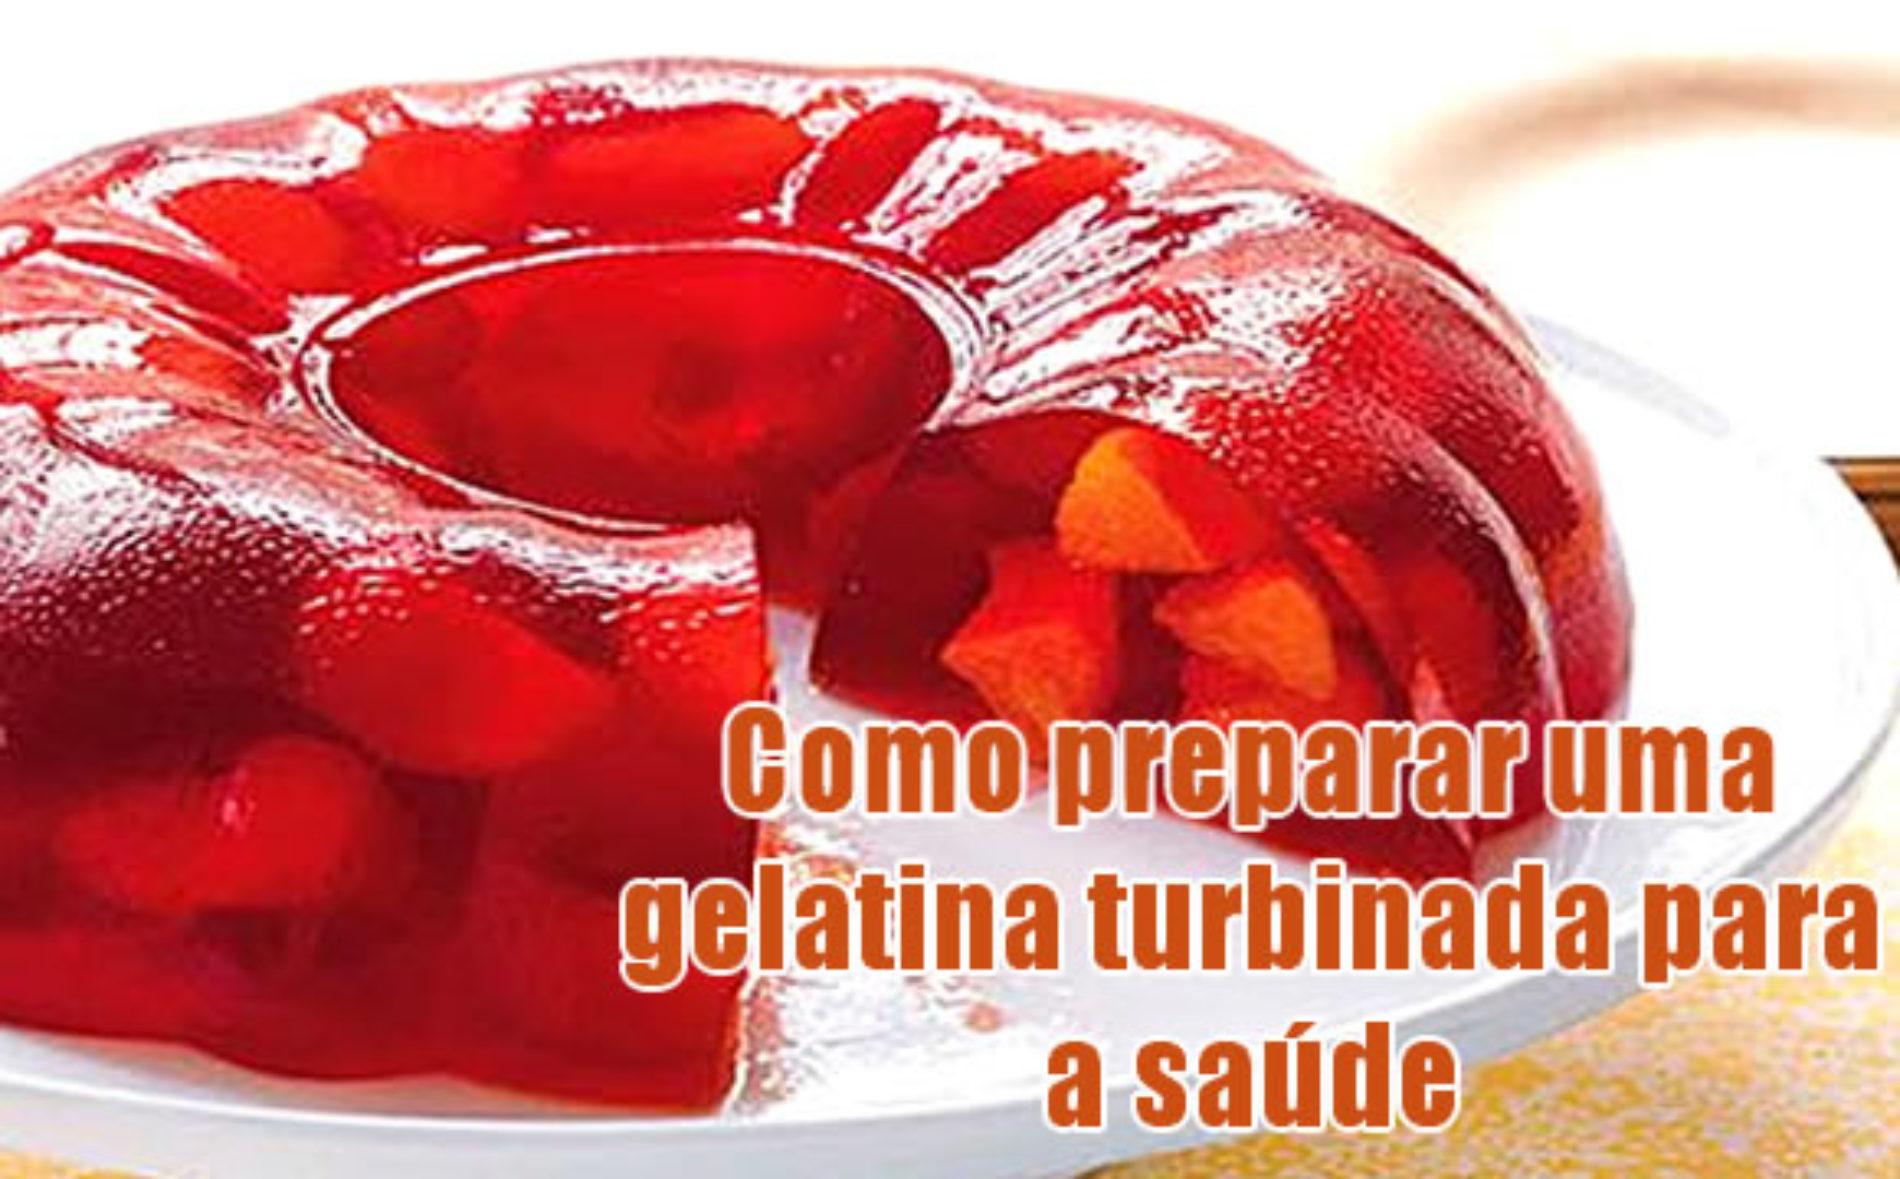 Dicas para preparar uma gelatina turbinada para a saúde